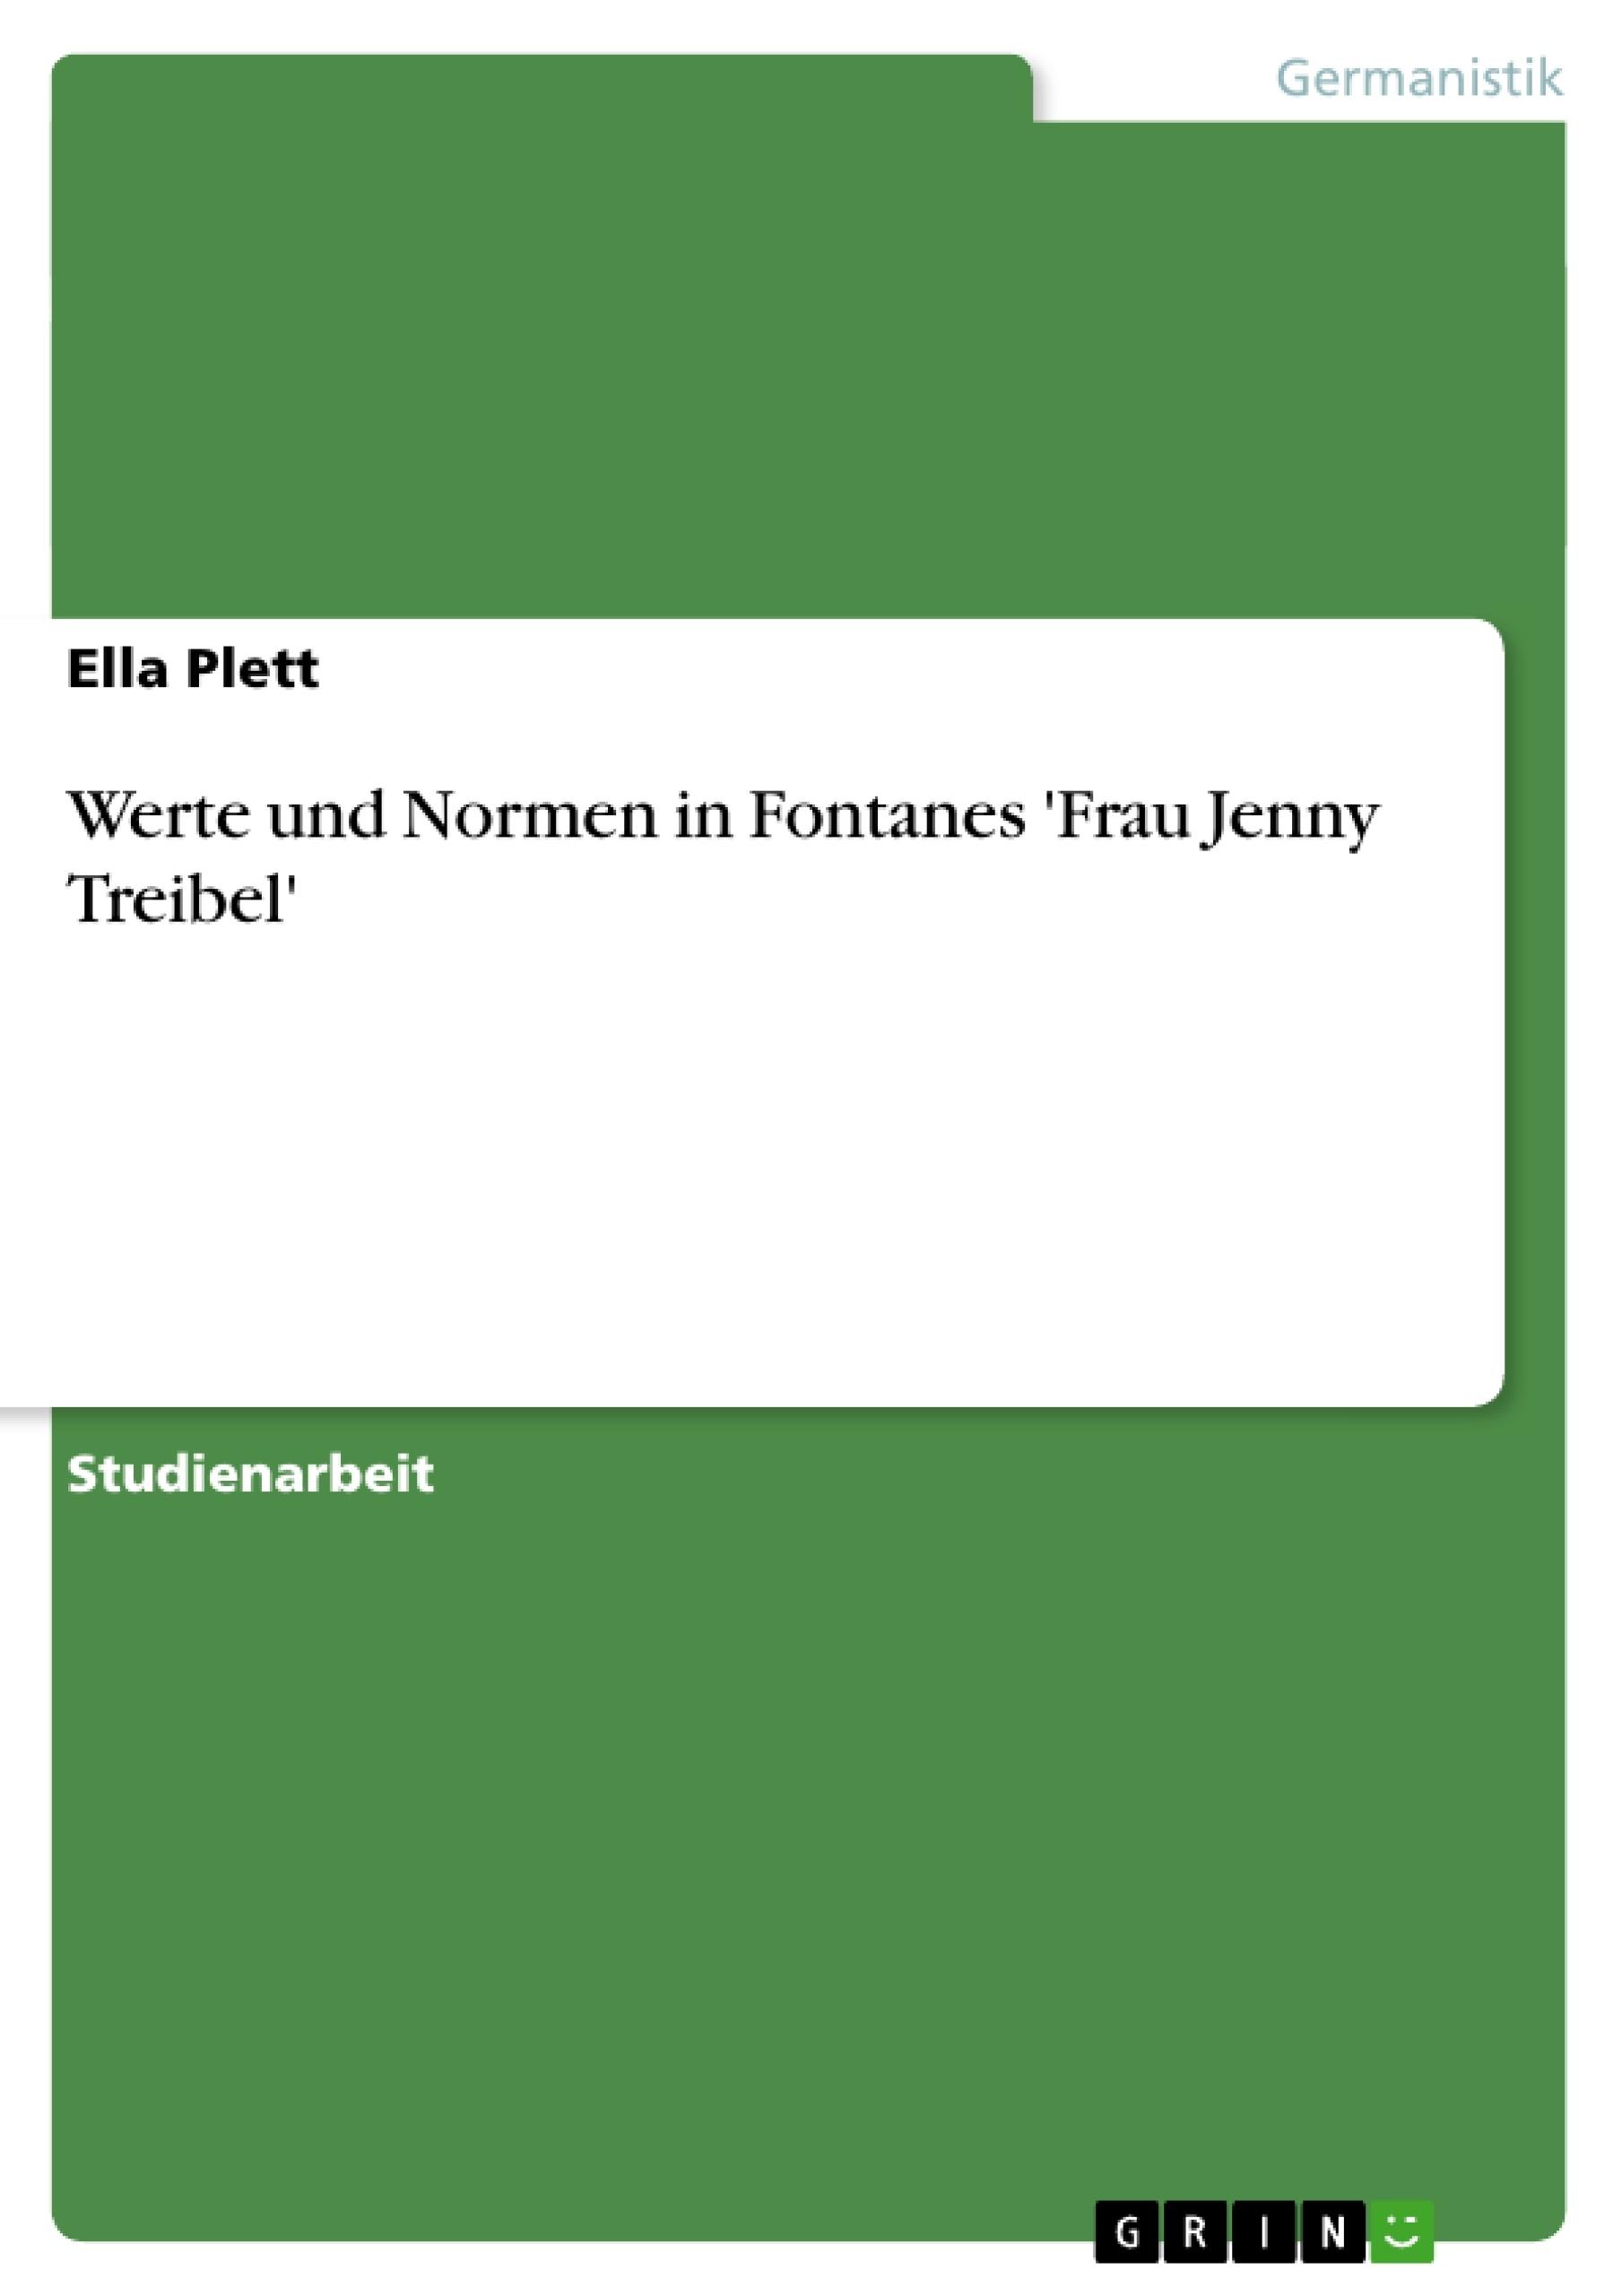 Titel: Werte und Normen in Fontanes 'Frau Jenny Treibel'